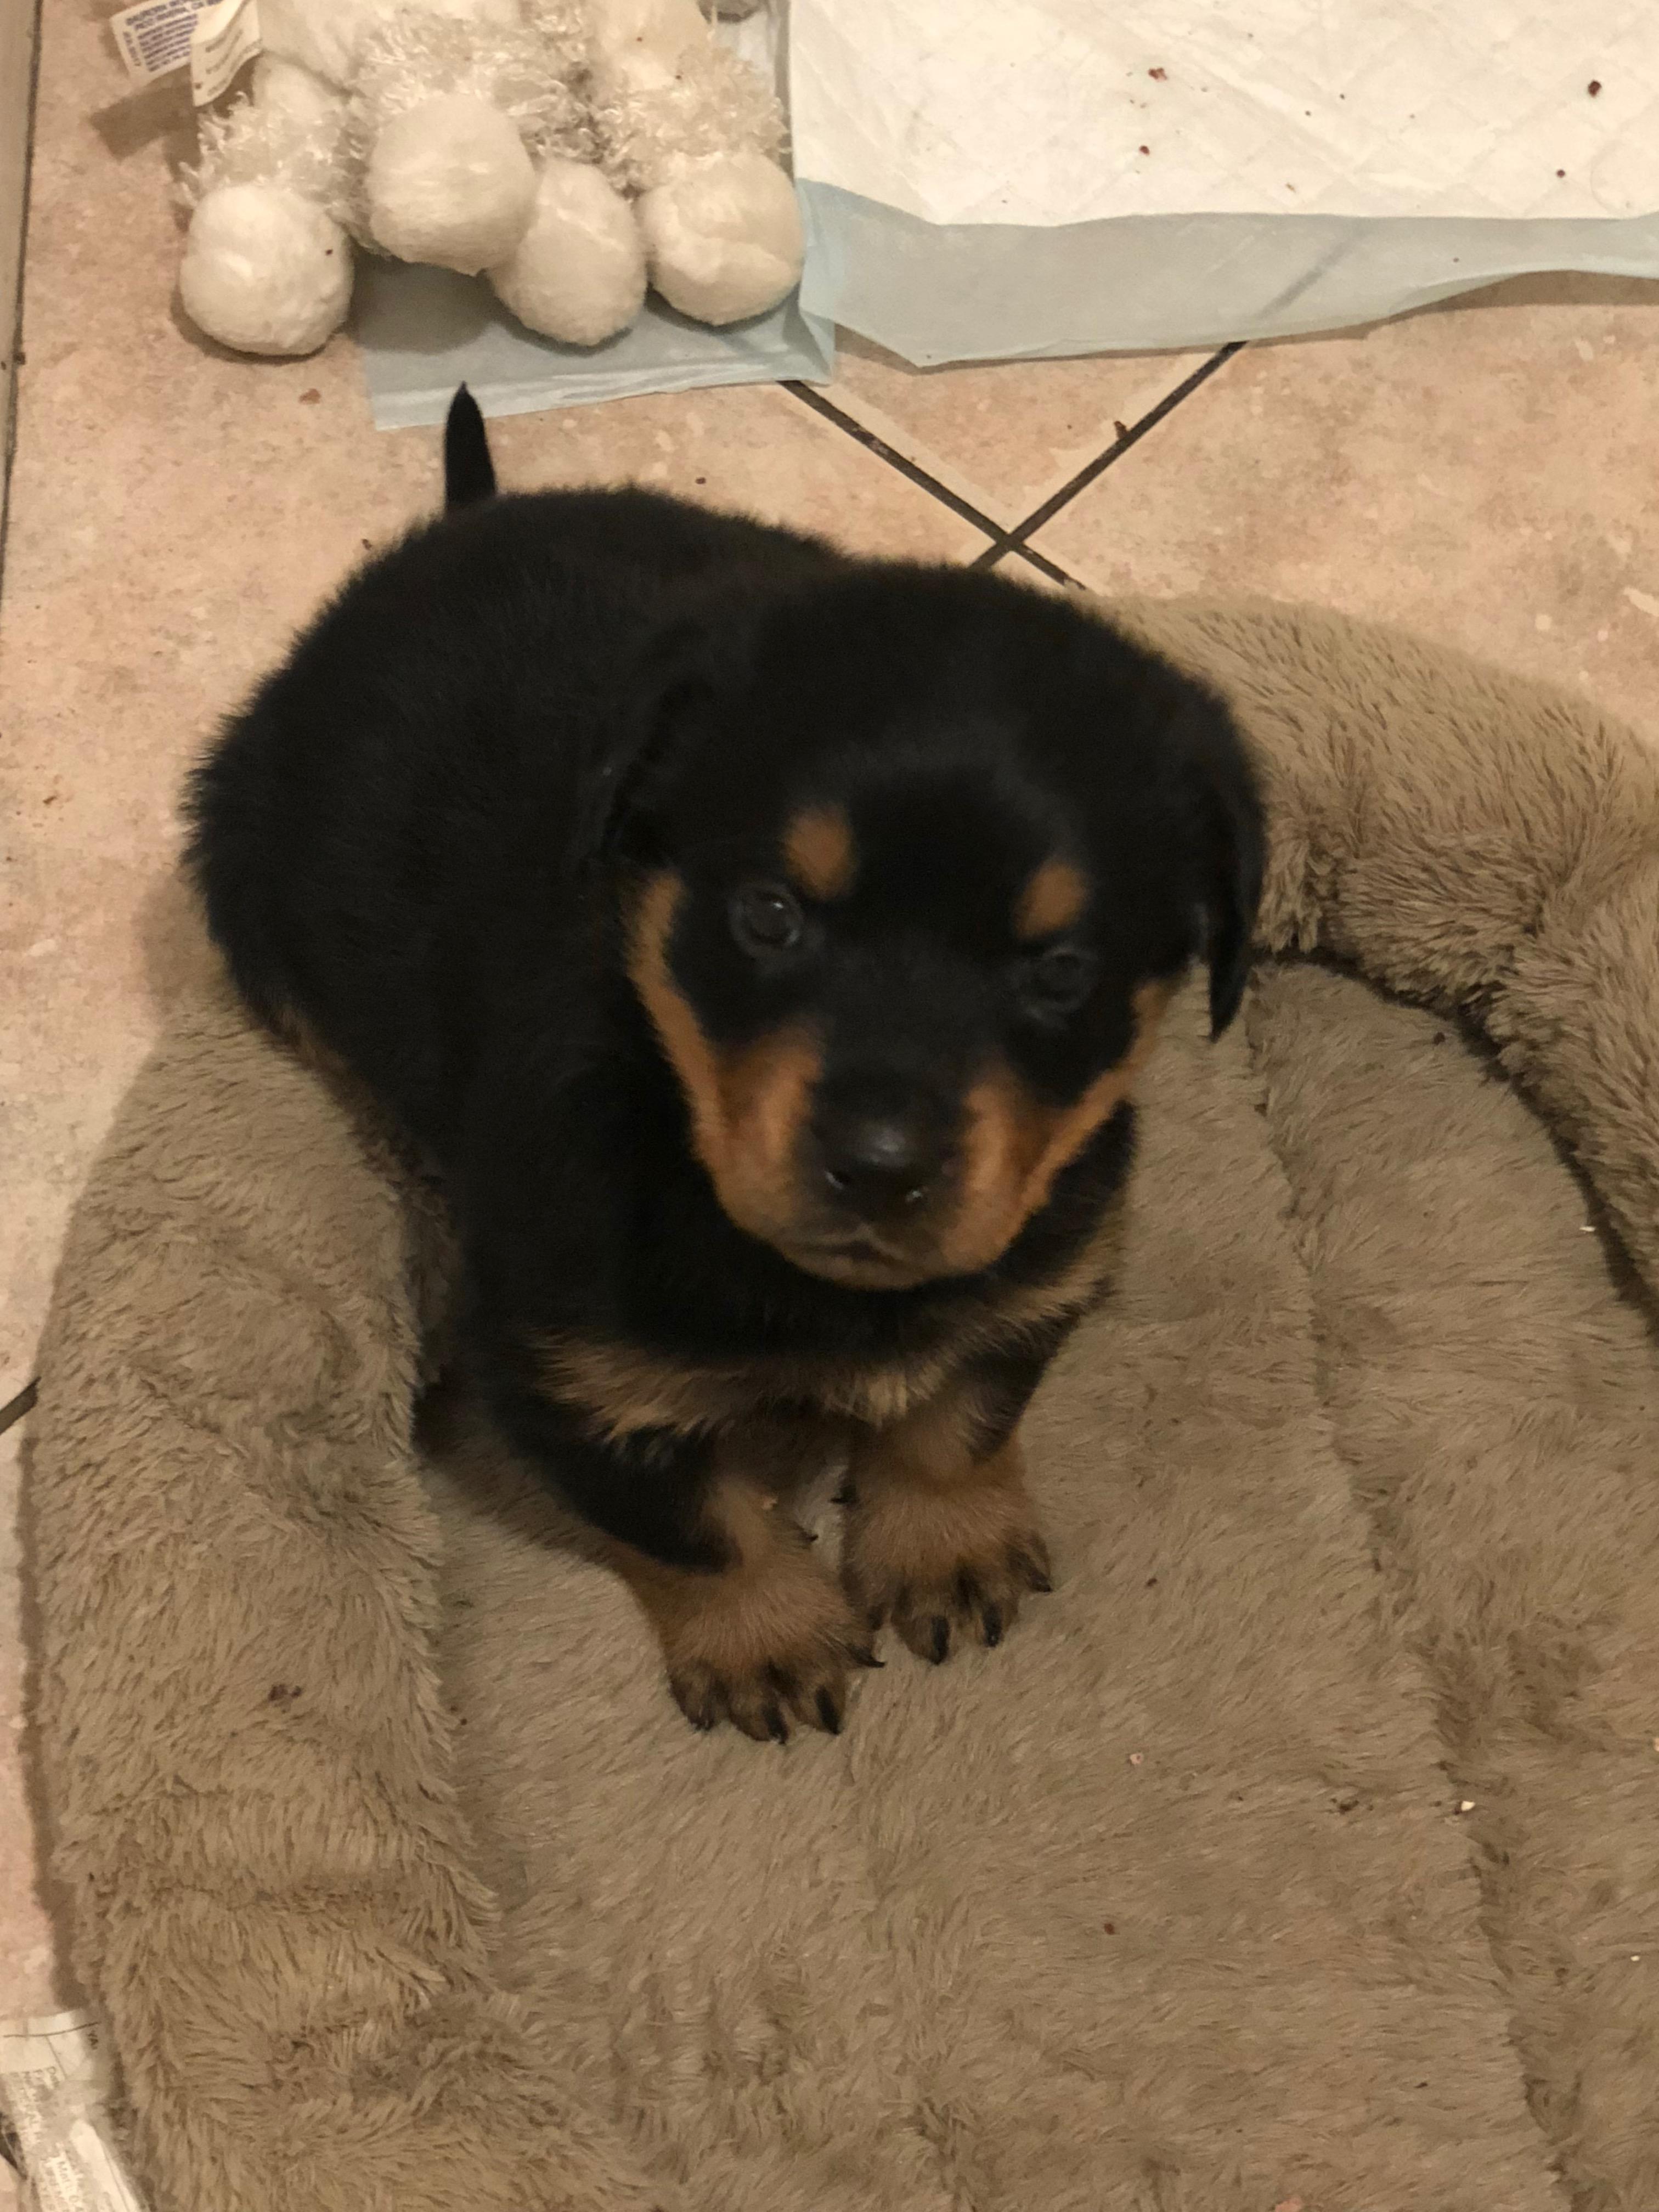 Rottweiler Puppy 5 weeks old